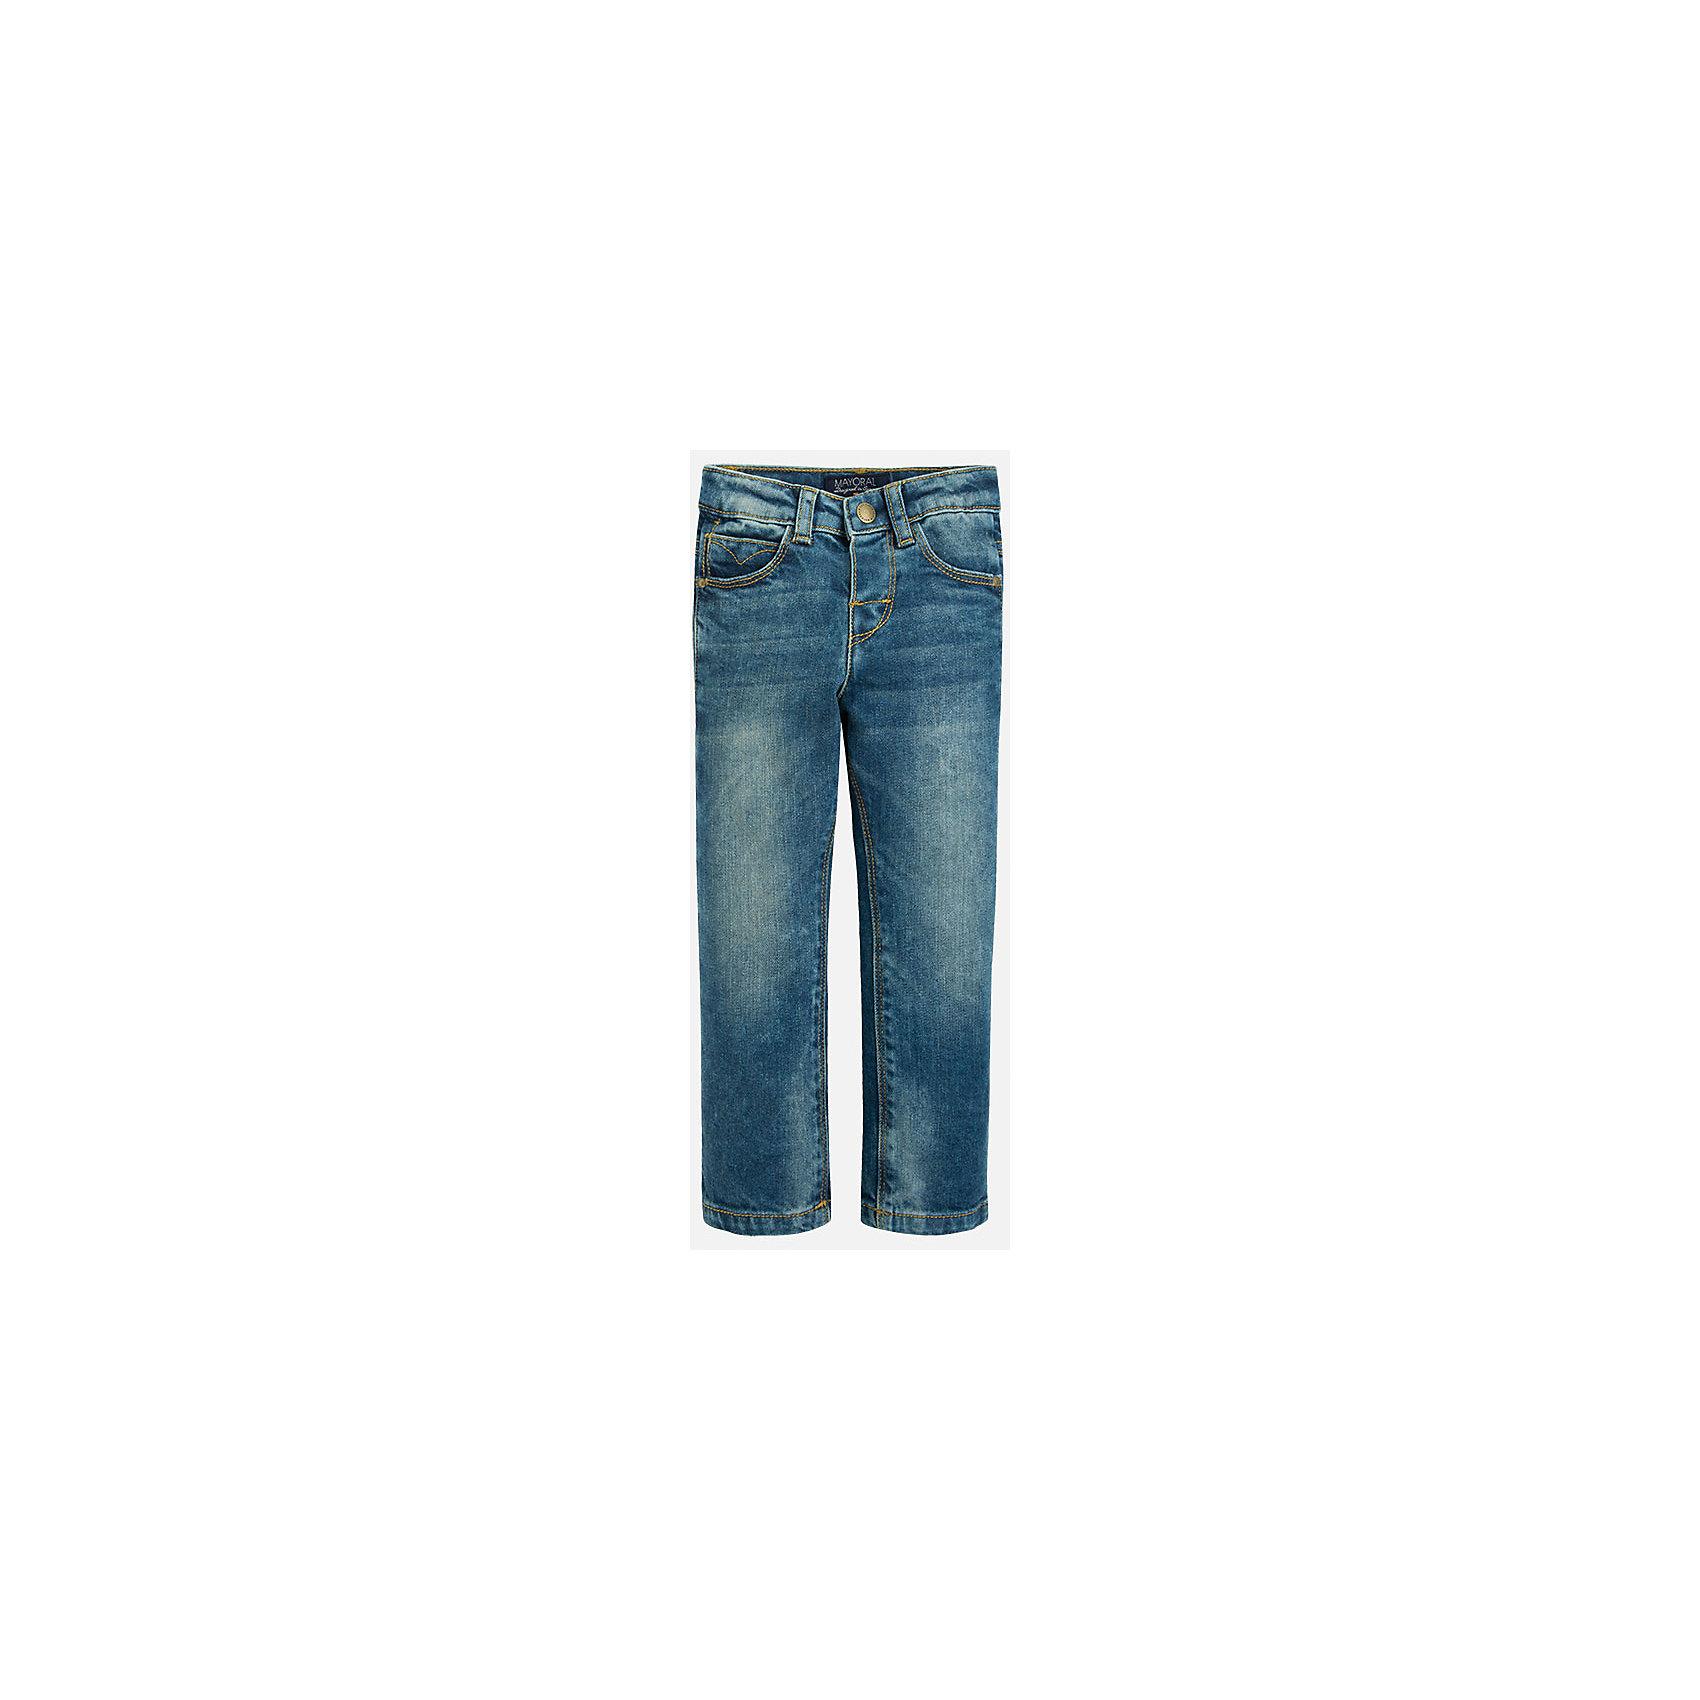 Джинсы для мальчика MayoralДжинсовая одежда<br>Классический джинсы - это неотъемлемый атрибут в гардеробе мальчишки!<br><br>Дополнительная информация:<br><br>- Крой: Regular Fit.<br>- Страна бренда: Испания.<br>- Состав: хлопок 98%, эластан 2%.<br>- Цвет: синий.<br>- Уход: бережная стирка при 30 градусах.<br><br>Купить брюки для мальчика Mayoral можно в нашем магазине.<br><br>Ширина мм: 215<br>Глубина мм: 88<br>Высота мм: 191<br>Вес г: 336<br>Цвет: синий<br>Возраст от месяцев: 36<br>Возраст до месяцев: 48<br>Пол: Мужской<br>Возраст: Детский<br>Размер: 104,134,128,122,110,92,98,116<br>SKU: 4821739